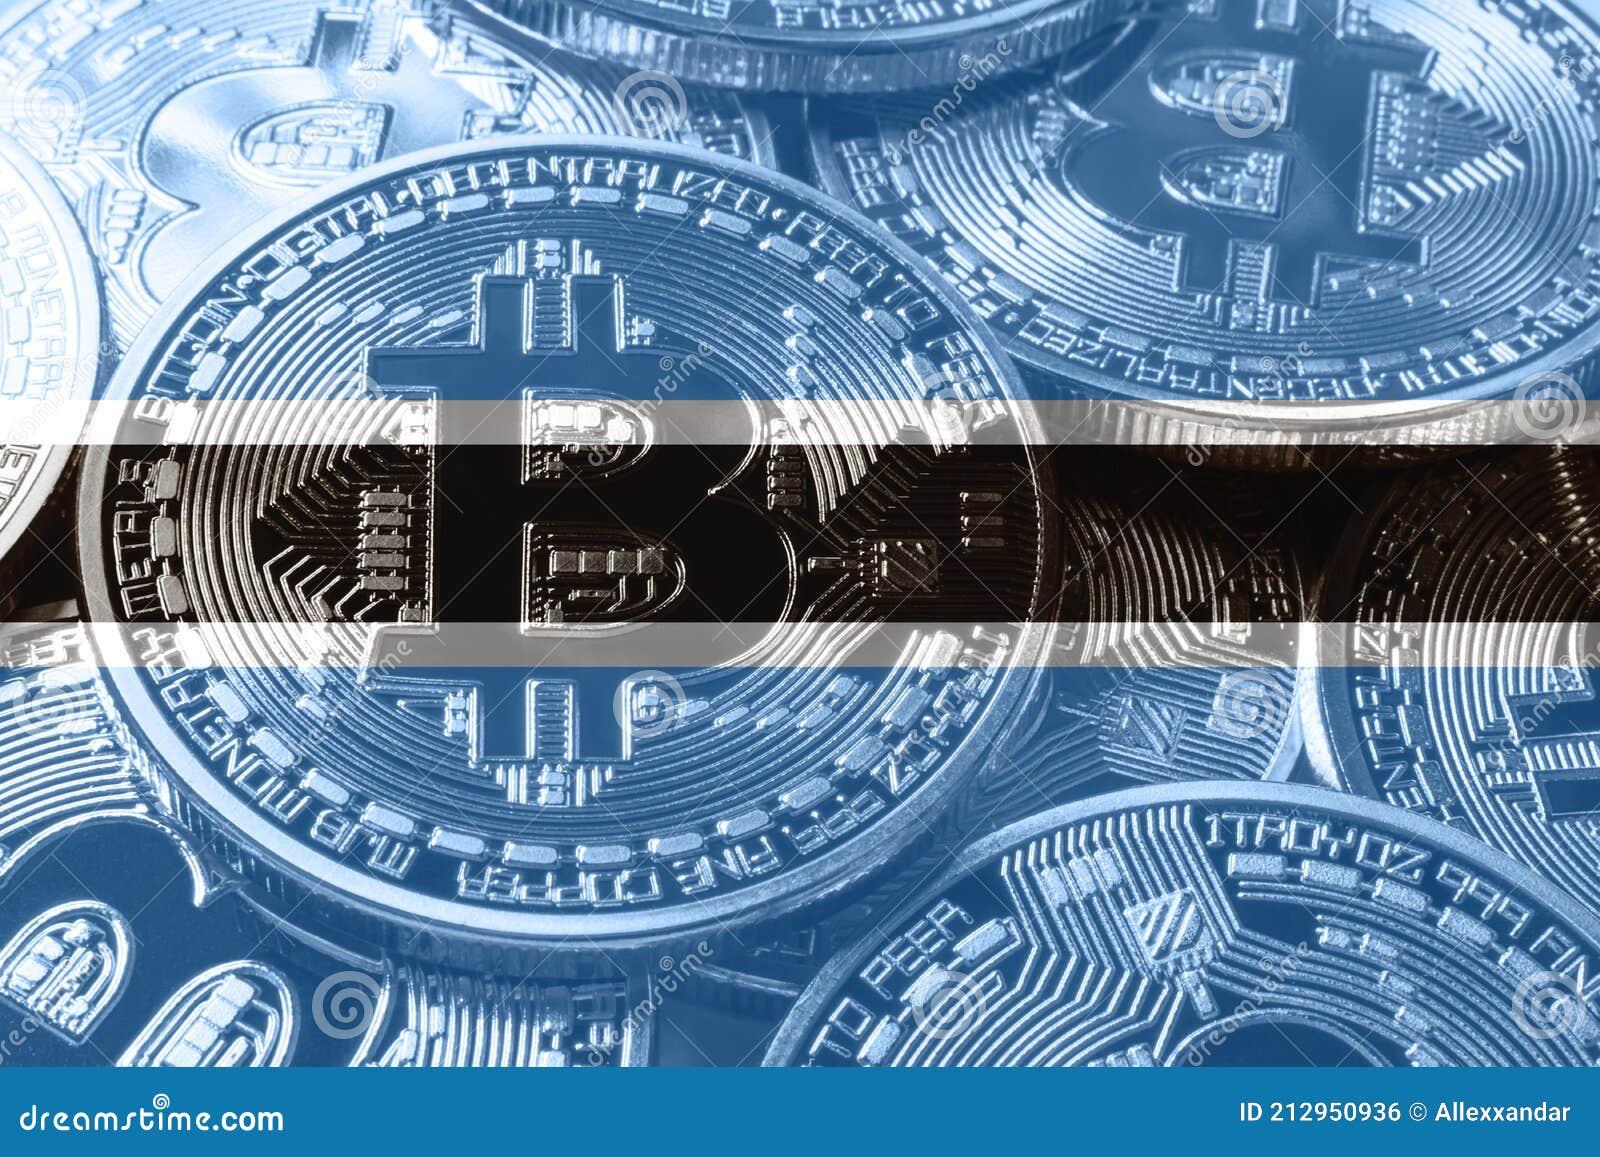 bitcoin trading în botswana